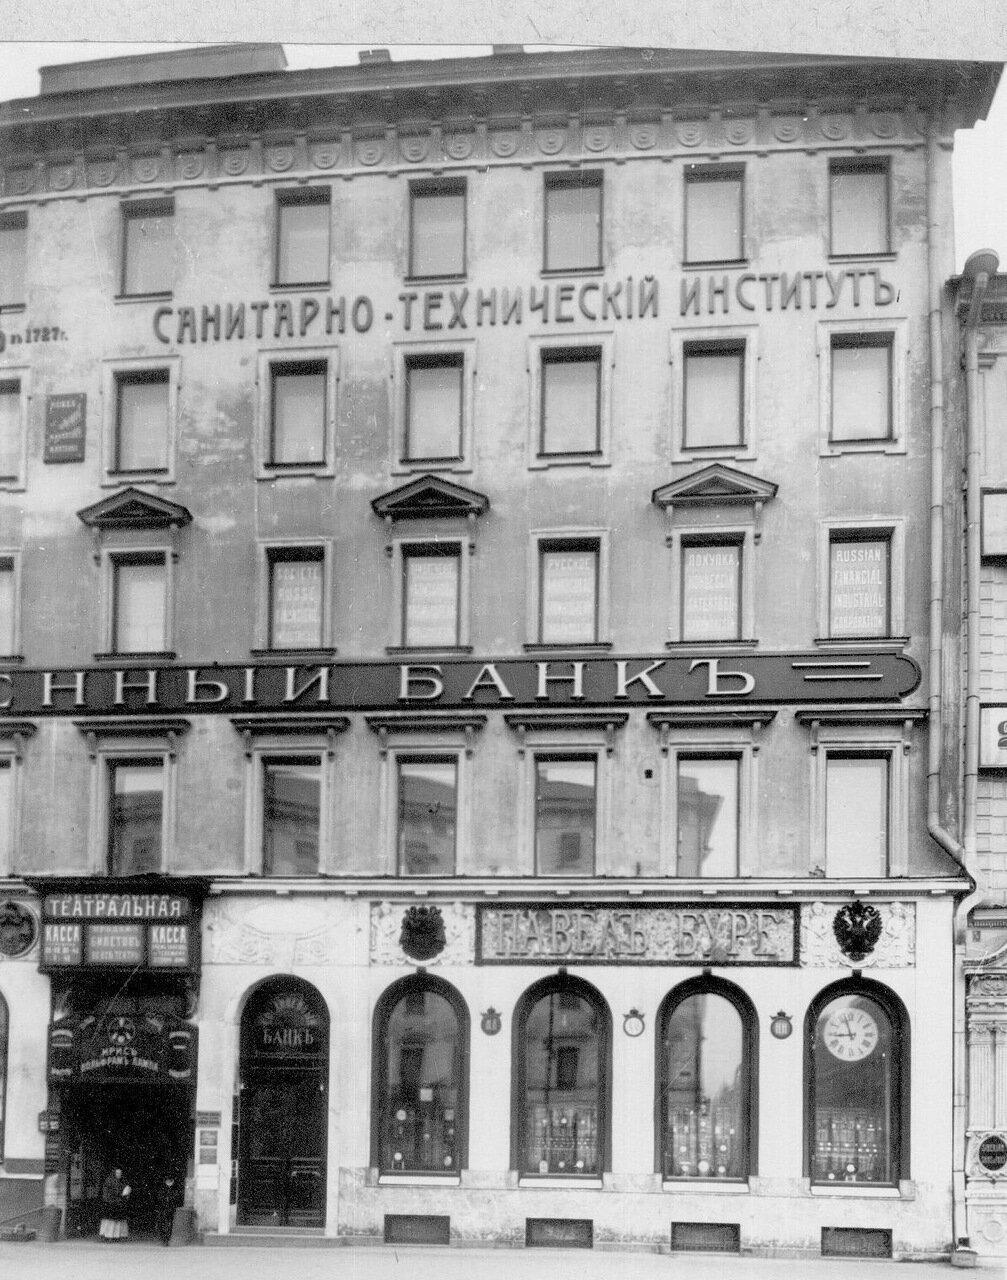 1.1. Часть фасада здания банка